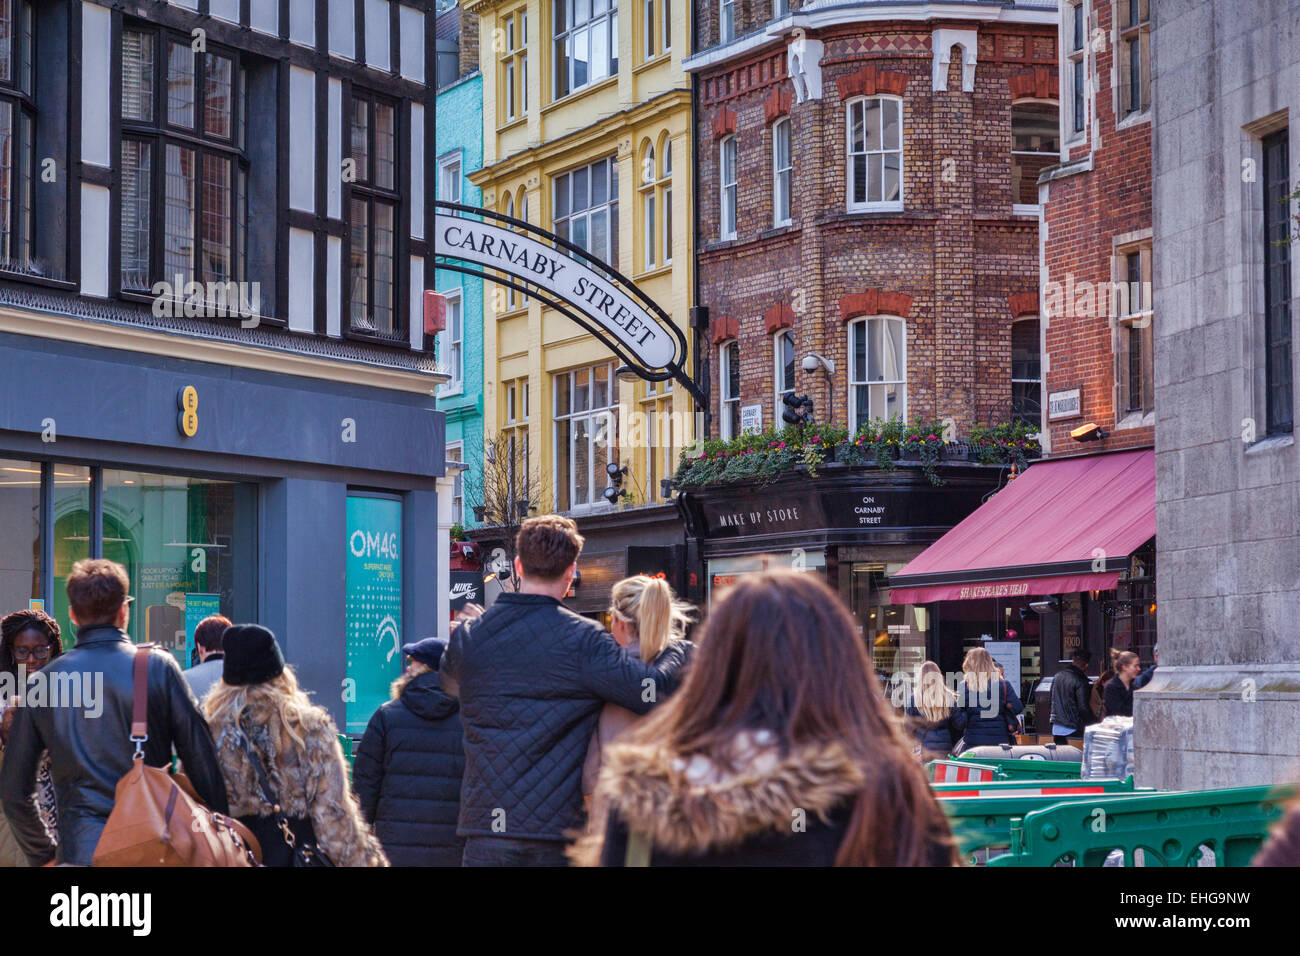 Las multitudes se dirigían hacia Carnaby Street, Londres, Inglaterra. Imagen De Stock